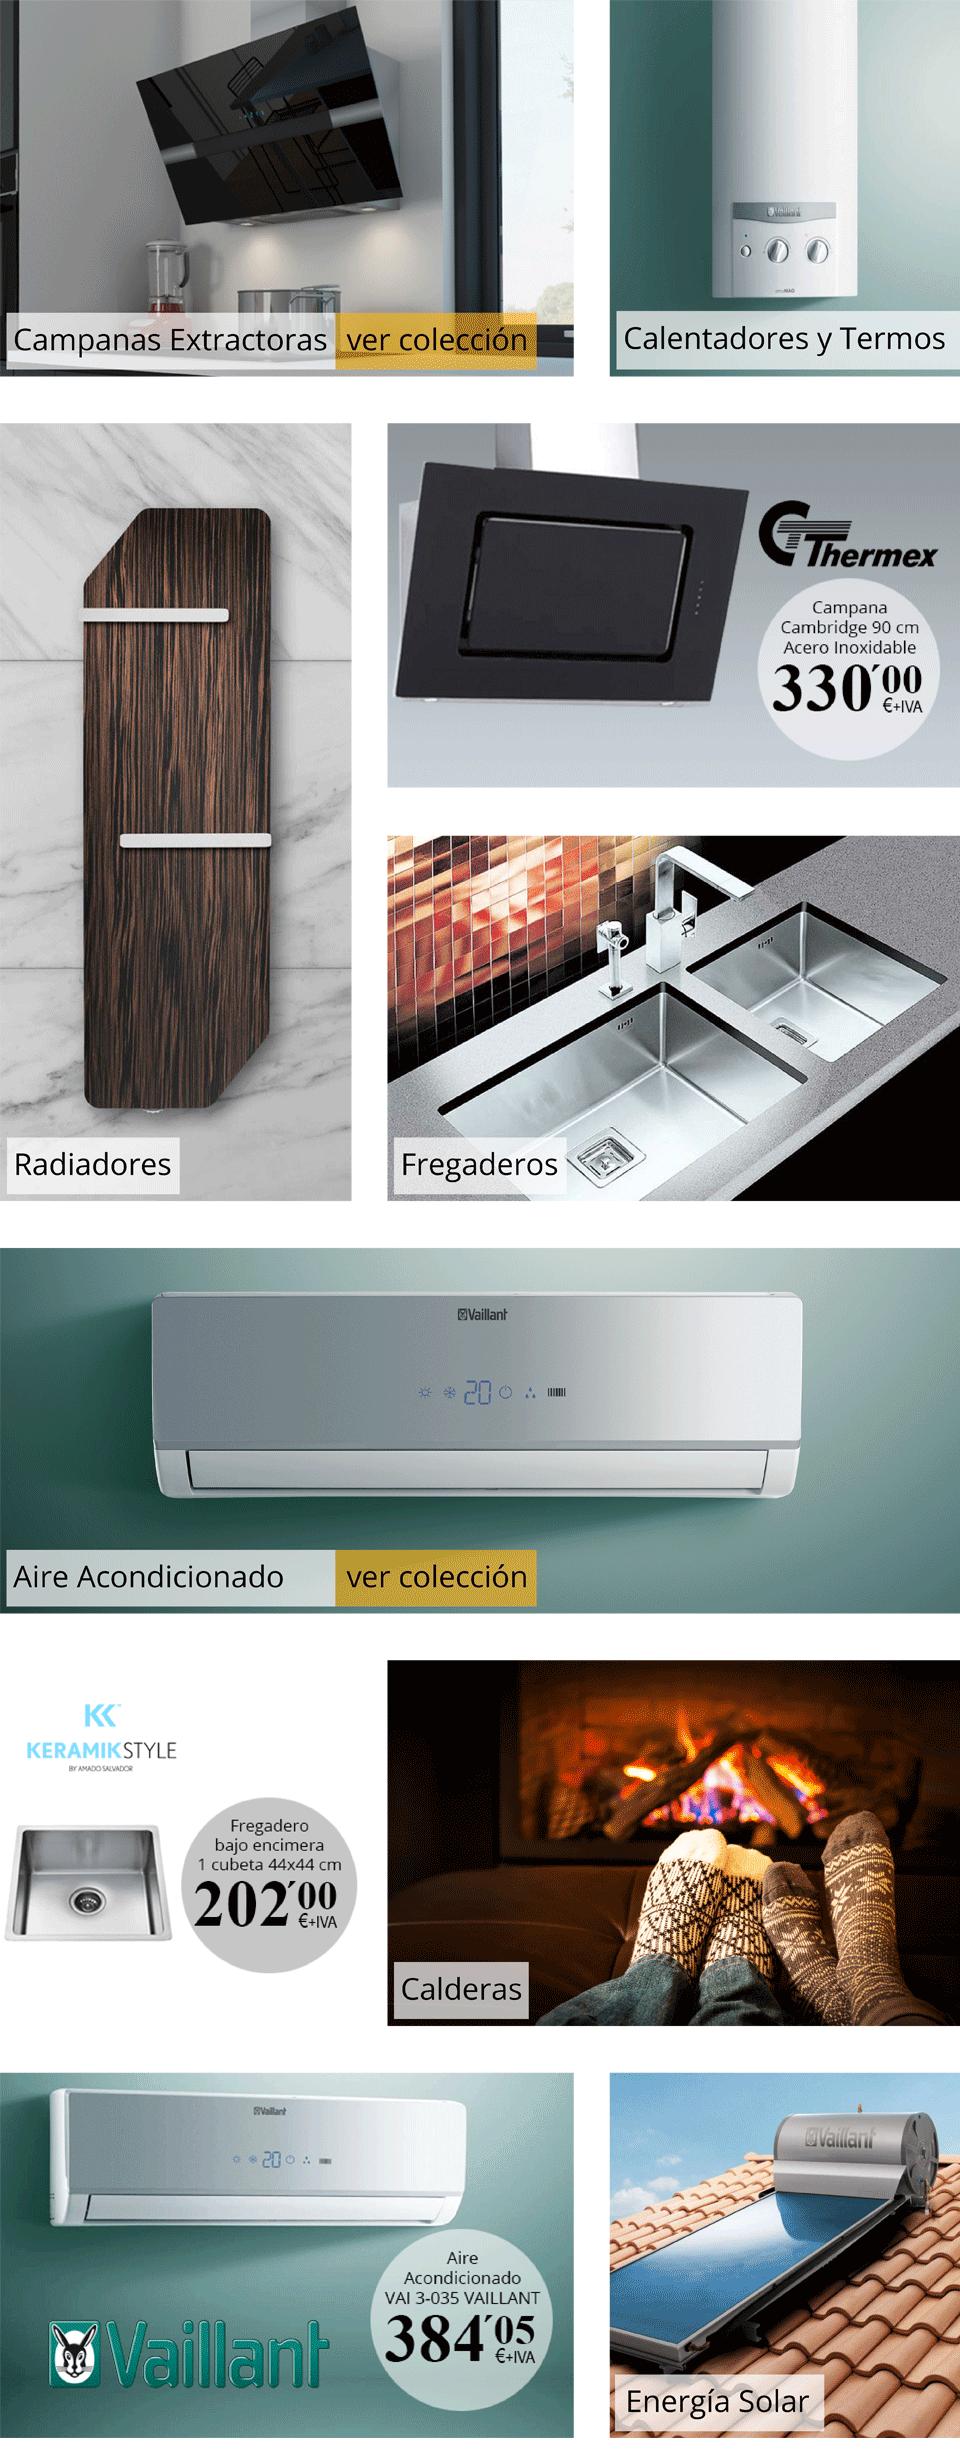 electrodomésticos en Amado Salvador, termos, calderas,radiadores